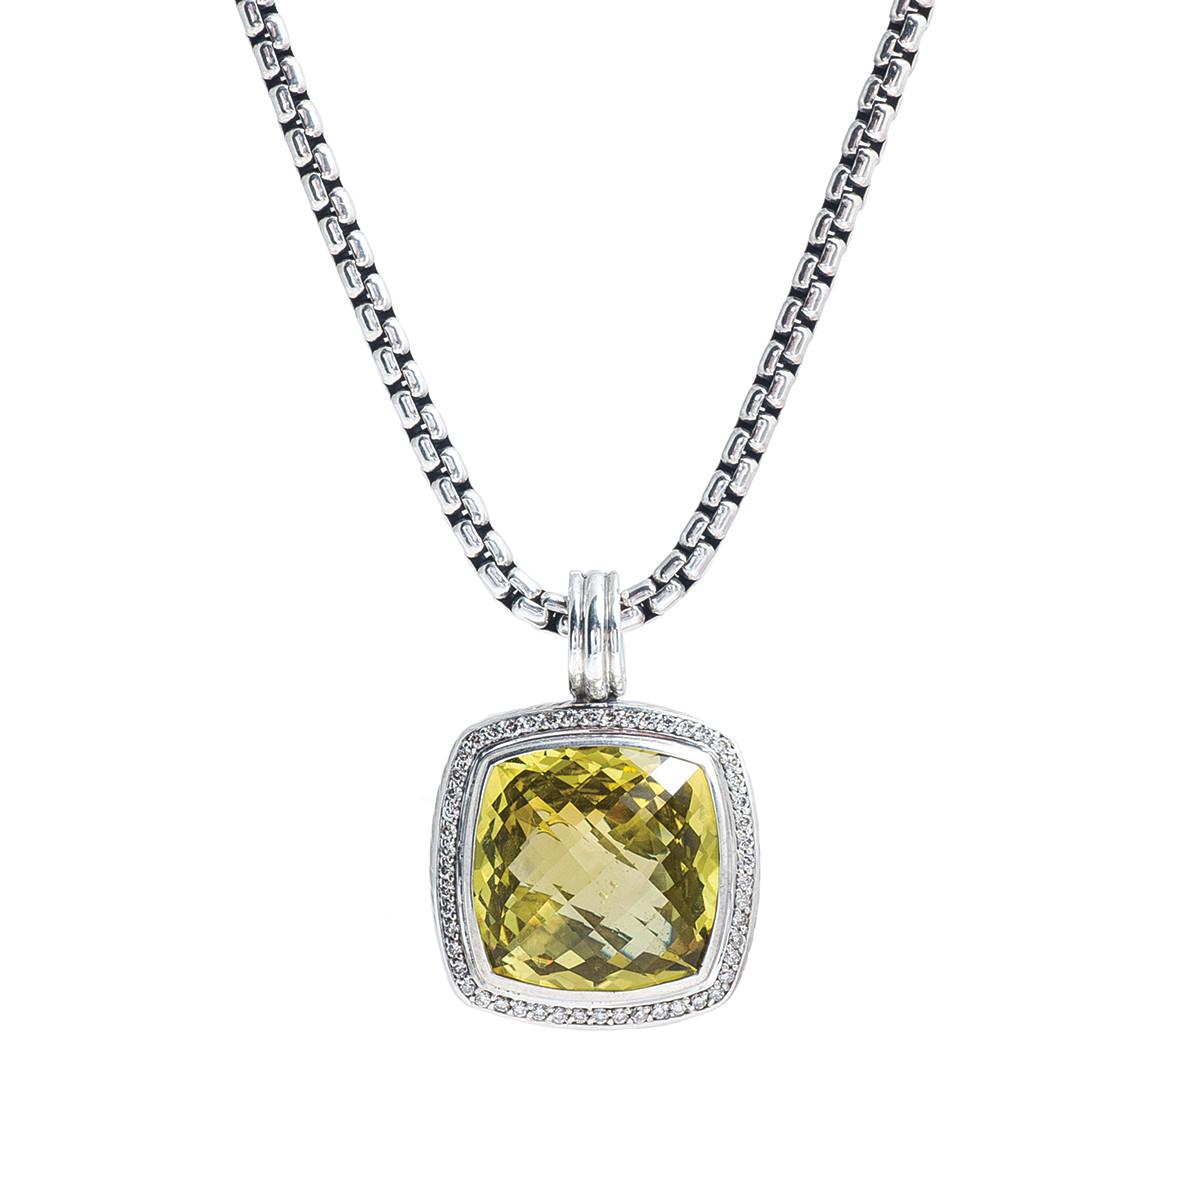 David yurman albion lemon quartz diamond necklace vintage david yurman albion lemon quartz diamond necklace gallery image mozeypictures Images